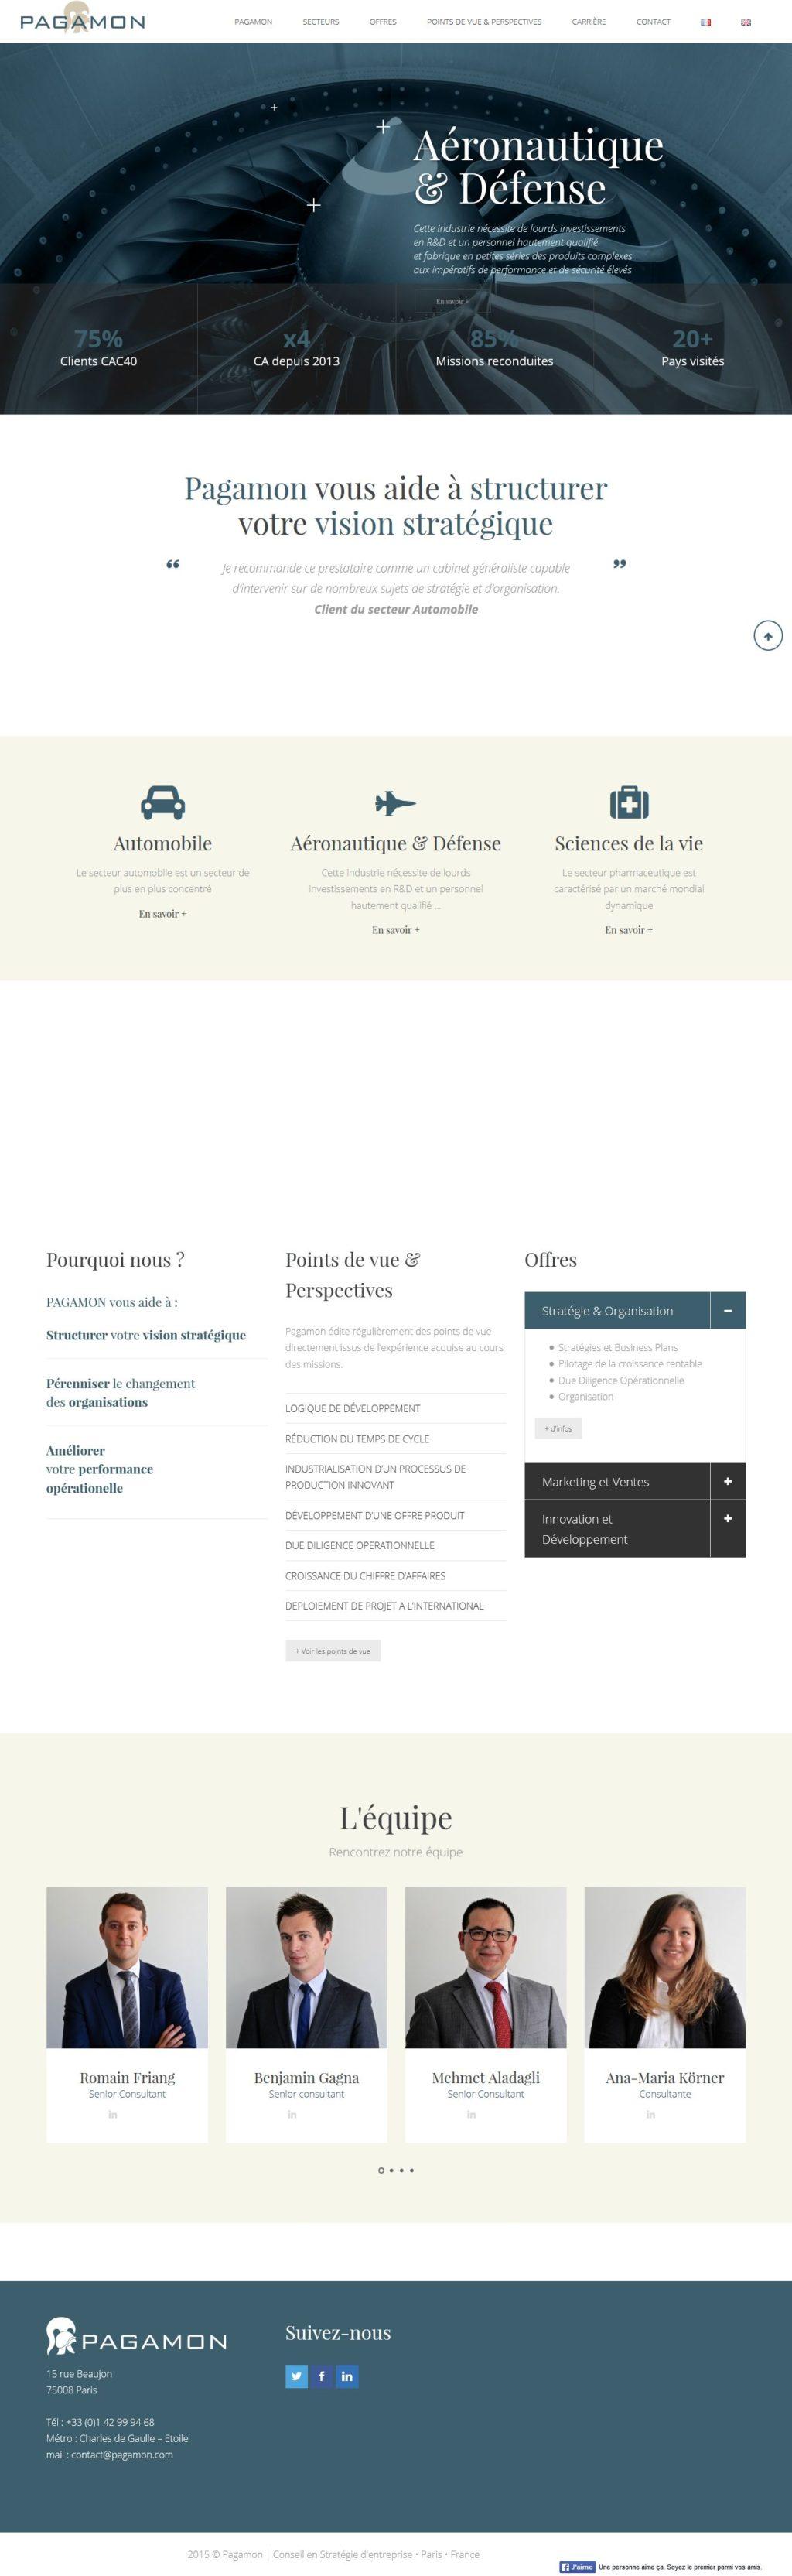 LXN-Laurent NOTTE-PAGAMON • cabinet de conseil en stratégie et organisation' – www_pagamon_com